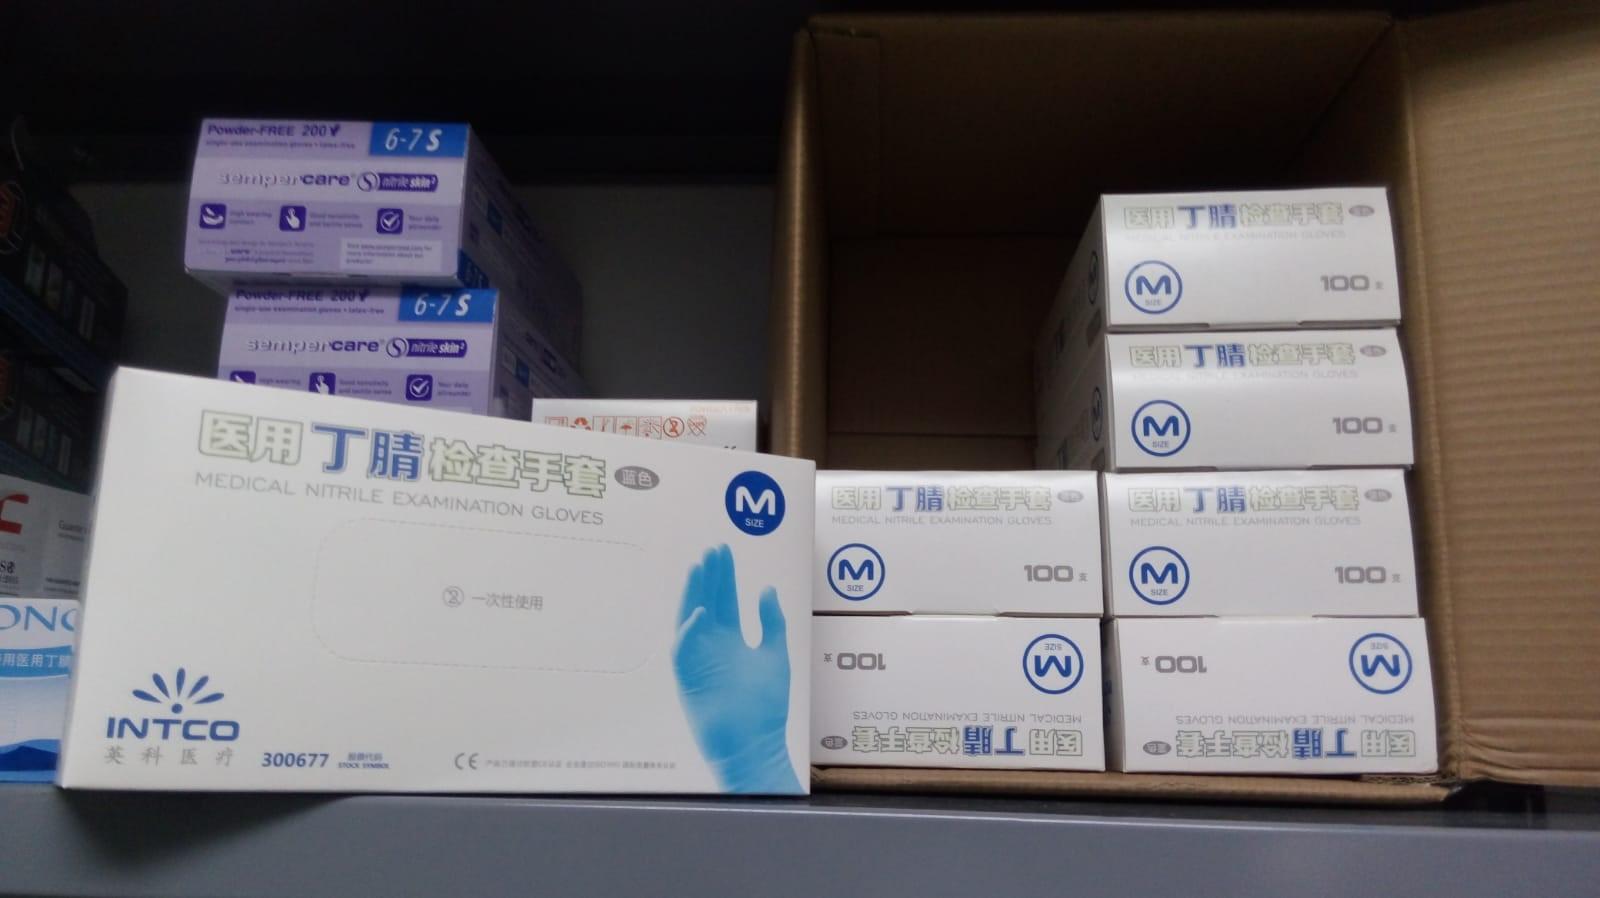 Retirada inmediata de los guantes de nitrilo de la marca INTCO.